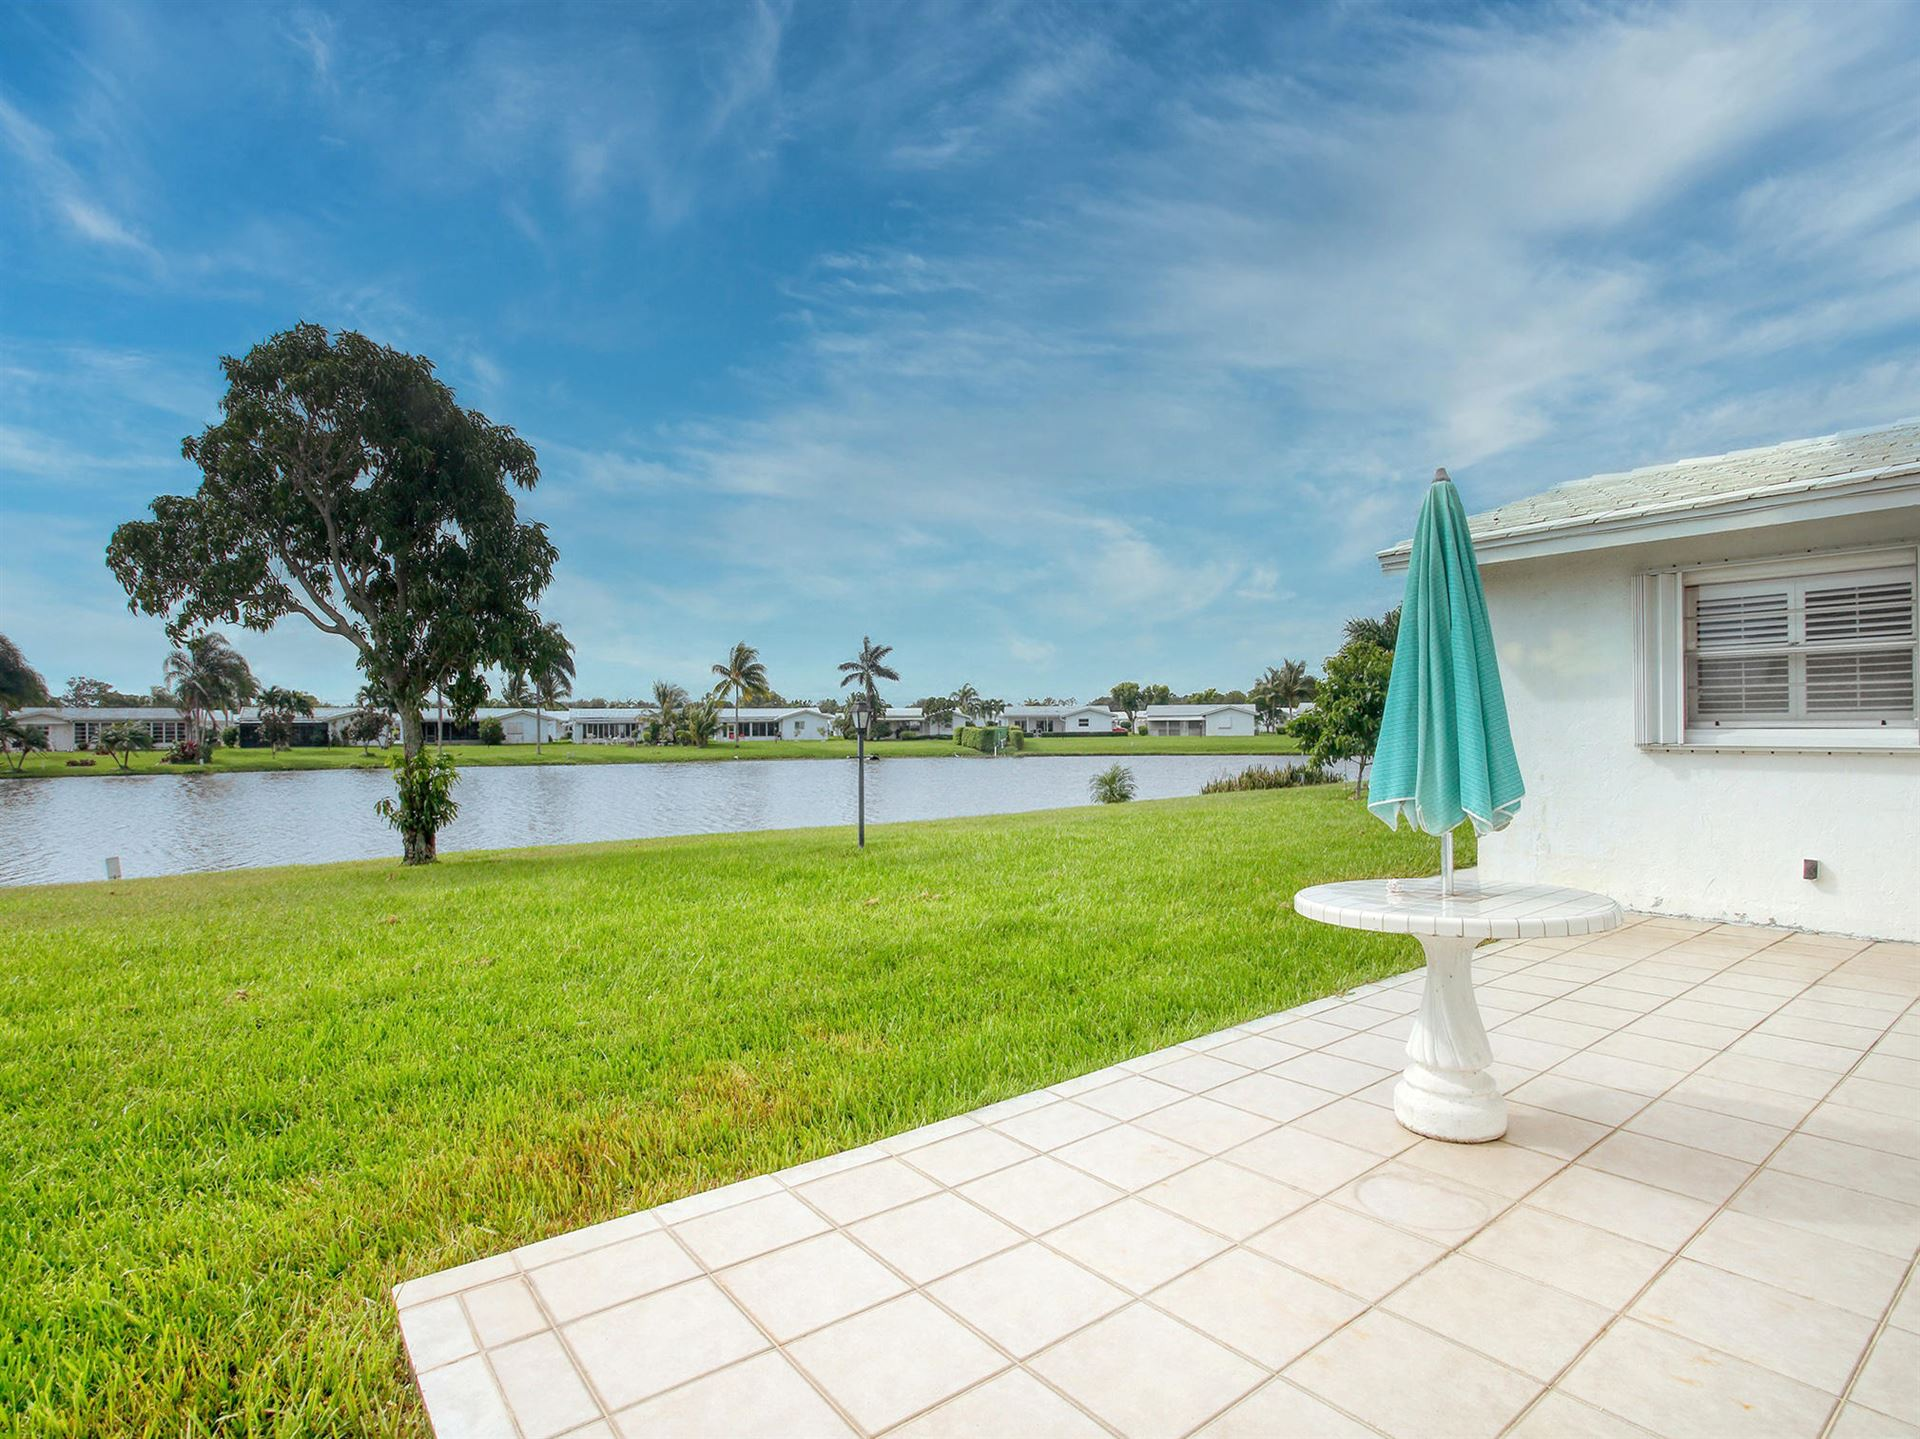 2030 SW 19th Avenue, Boynton Beach, FL 33426 - #: RX-10669439